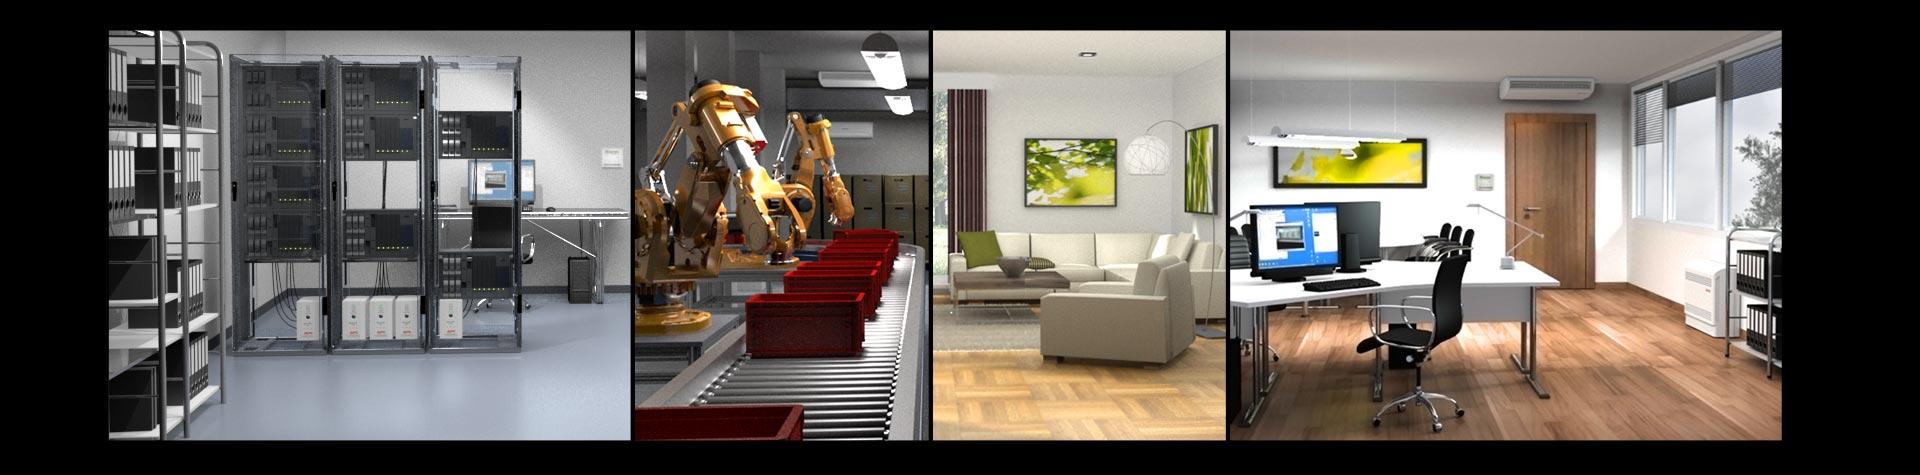 https://www.winkel-design.de/img/headpic/rooms.jpg